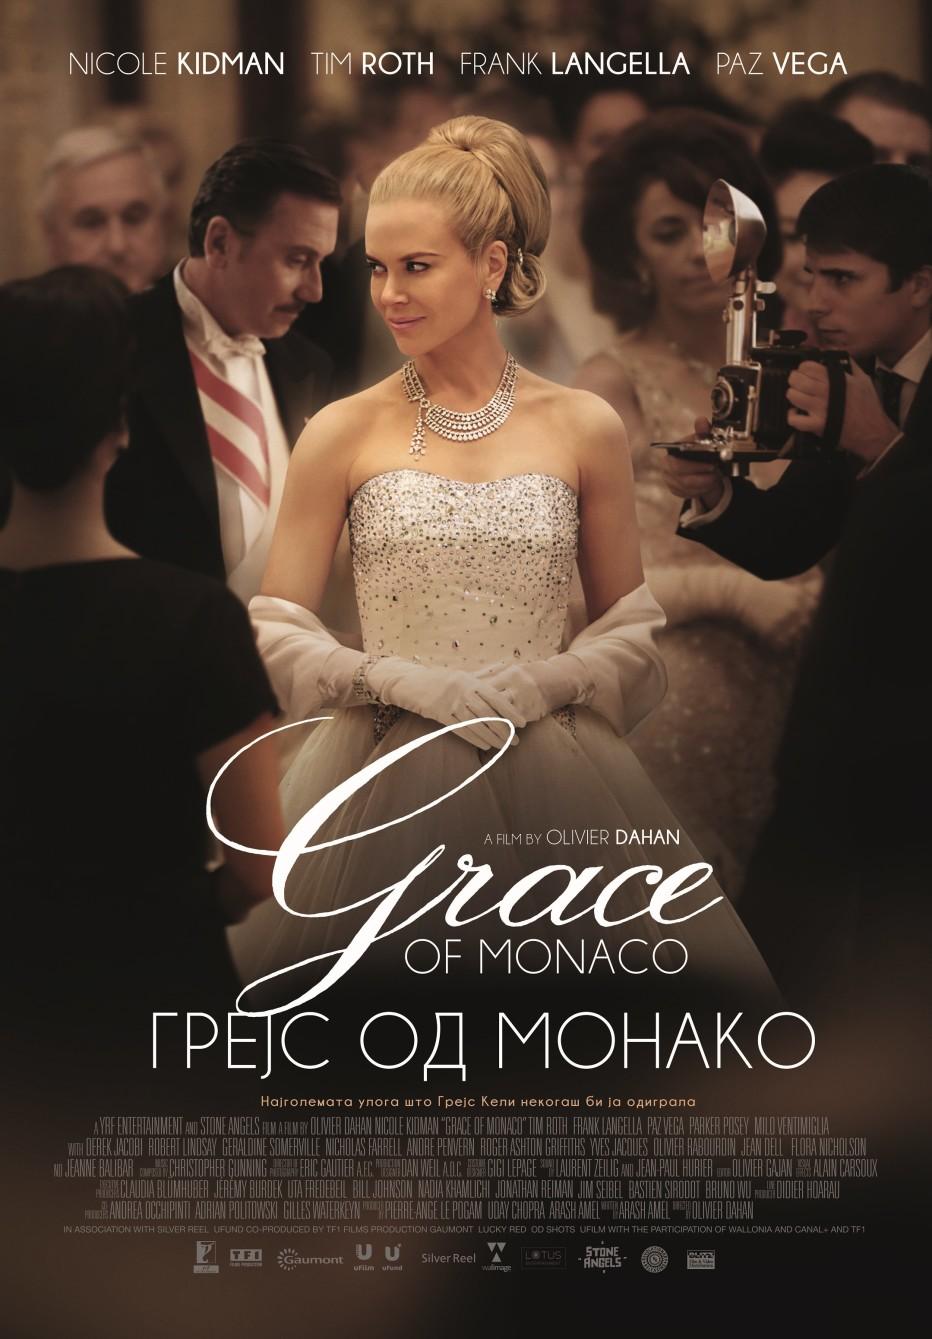 ГРЕЈС ОД МОНАКО – Grace of Monaco